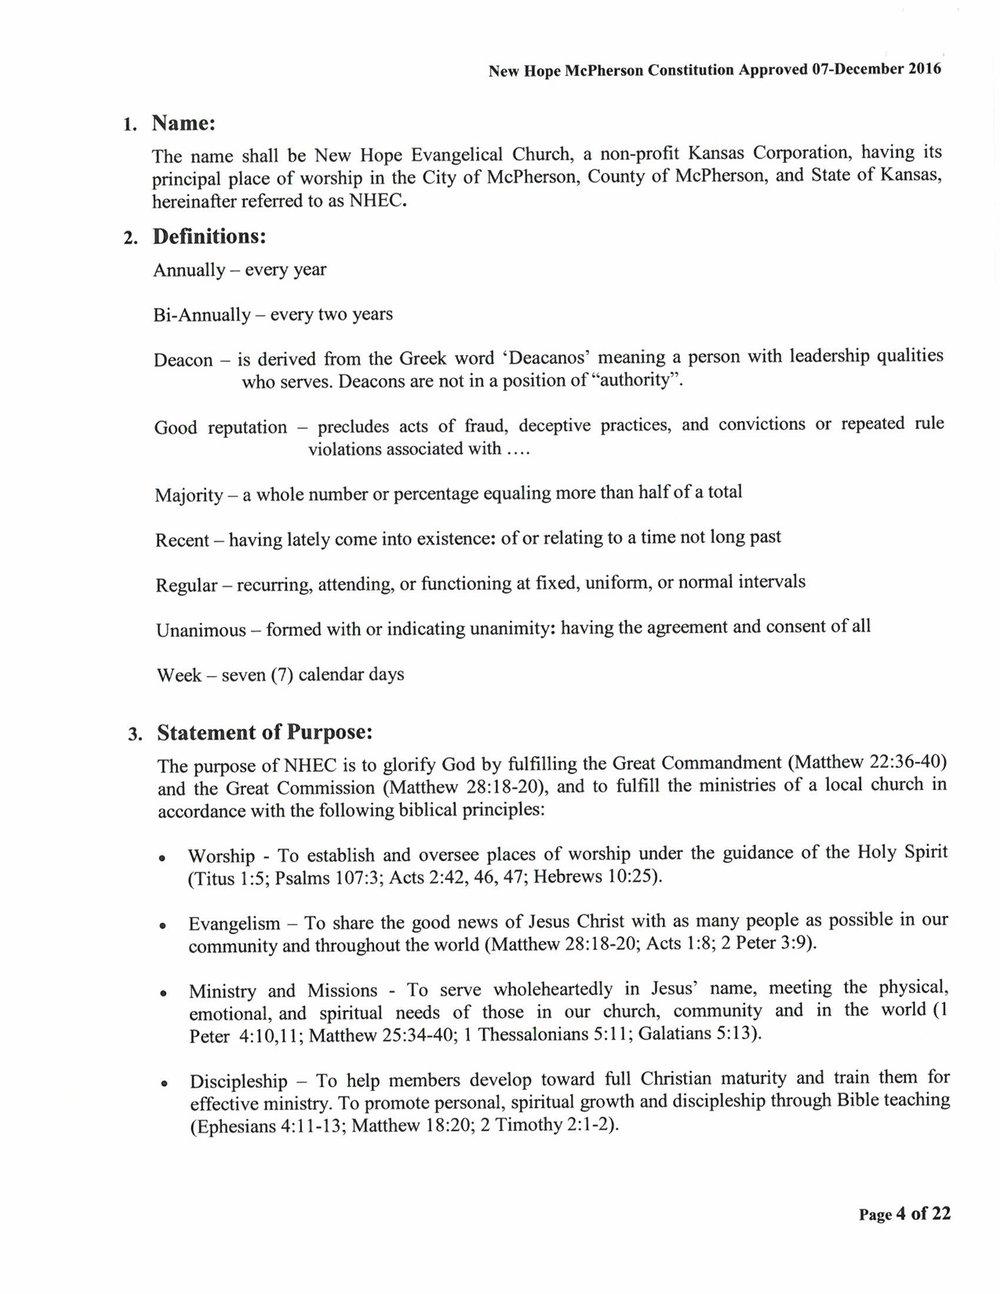 Constitution  12.jpg